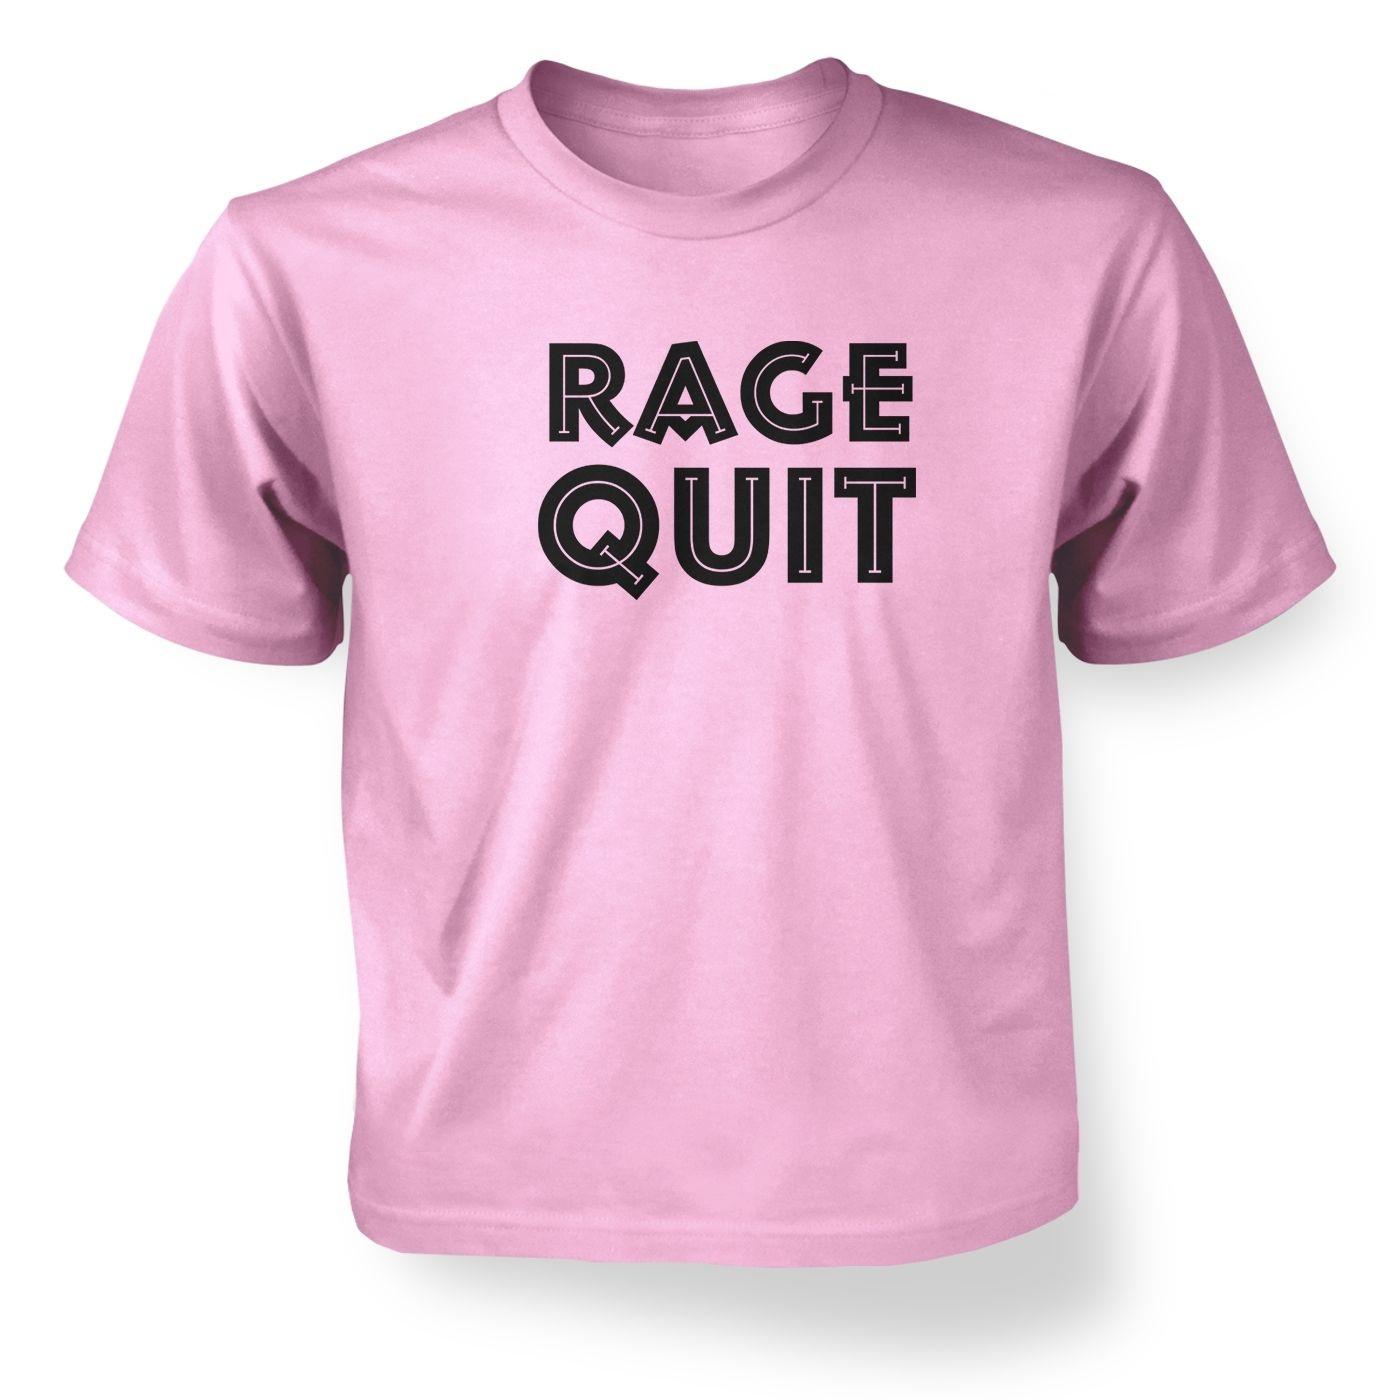 Rage Quit kids' t-shirt